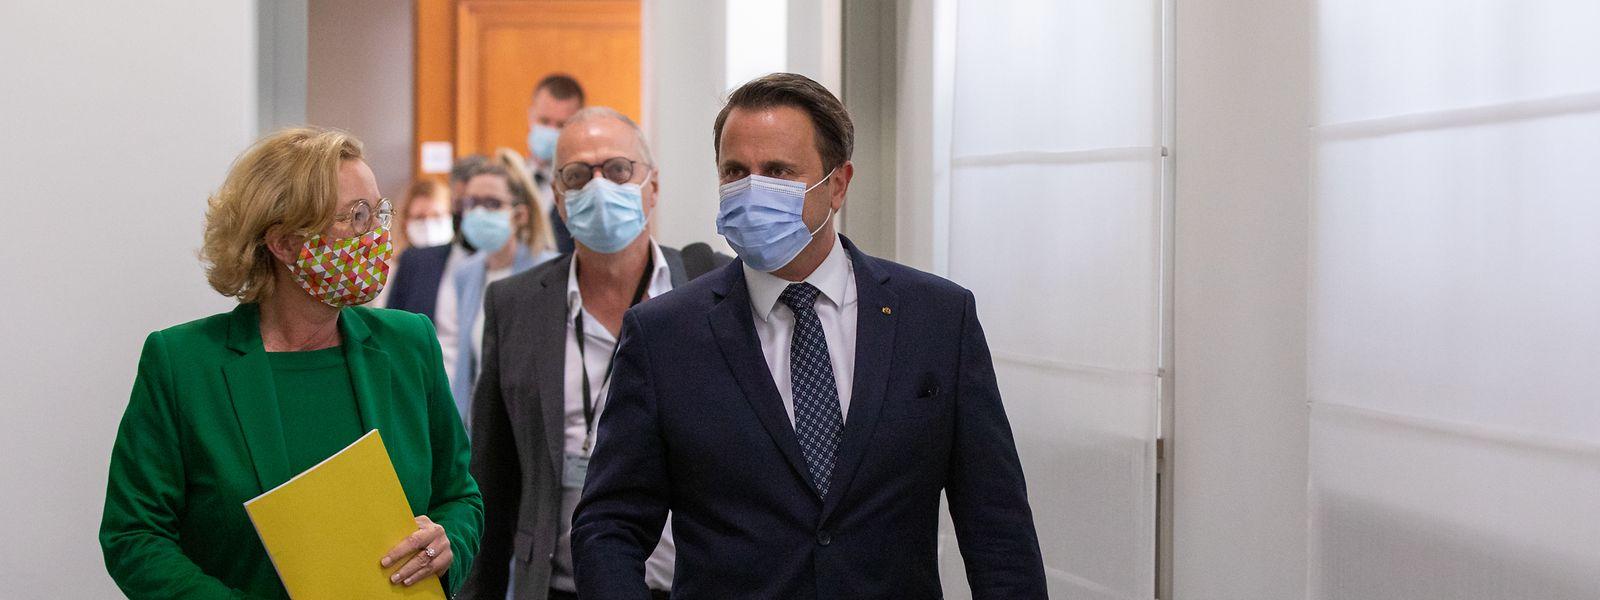 Premierminister Xavier Bettel und Gesundheitsministerin Paulette Lenert auf dem Weg zur Pressekonferenz am Mittwoch.